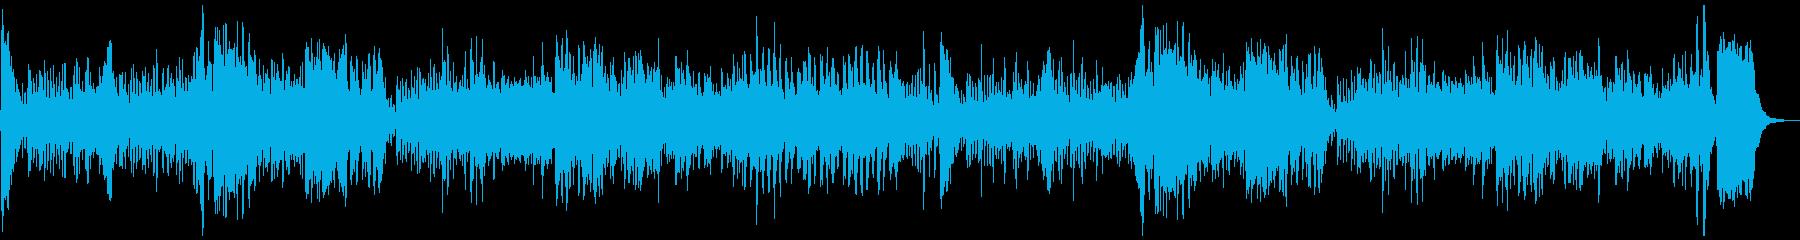 生演奏クラシック、ヨハンシュトラウスの再生済みの波形